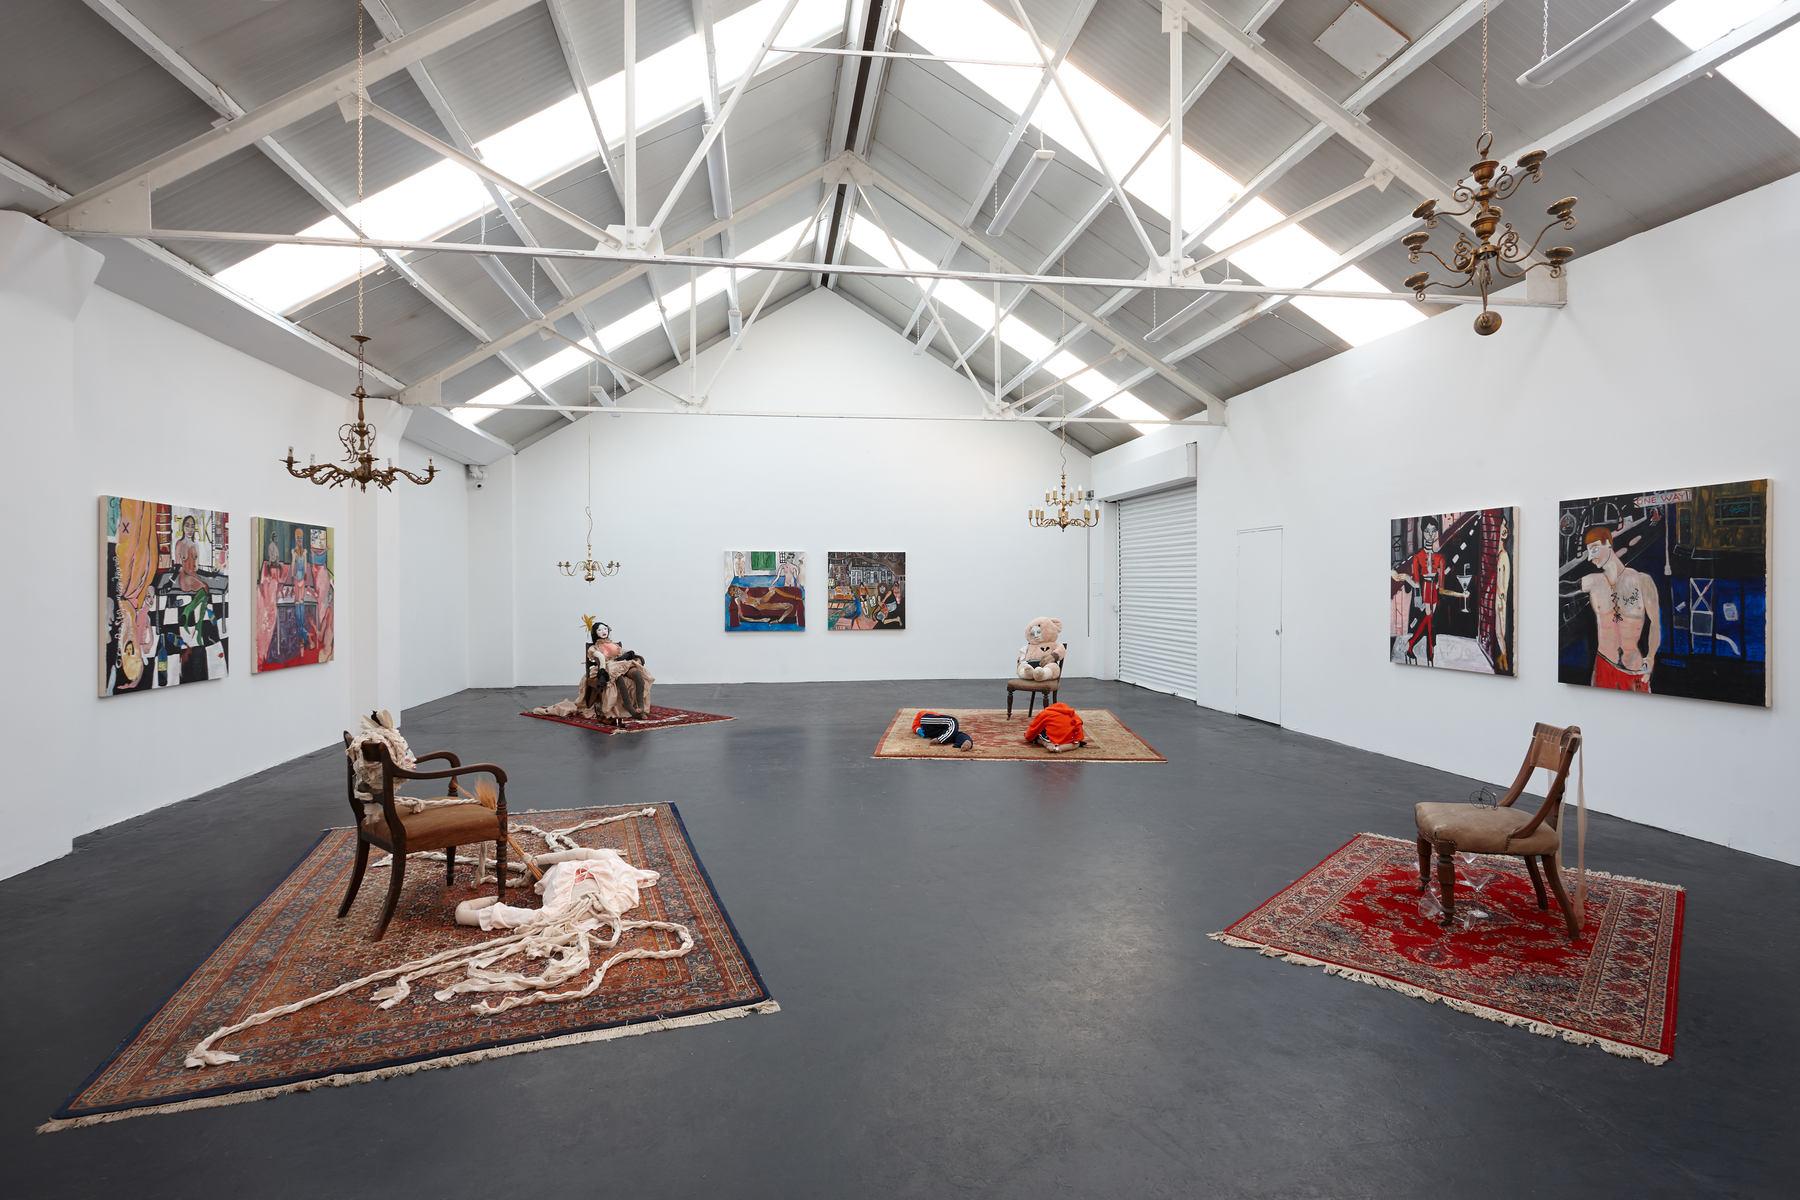 Joseph Geagan - Maiden Lane - Installation View I